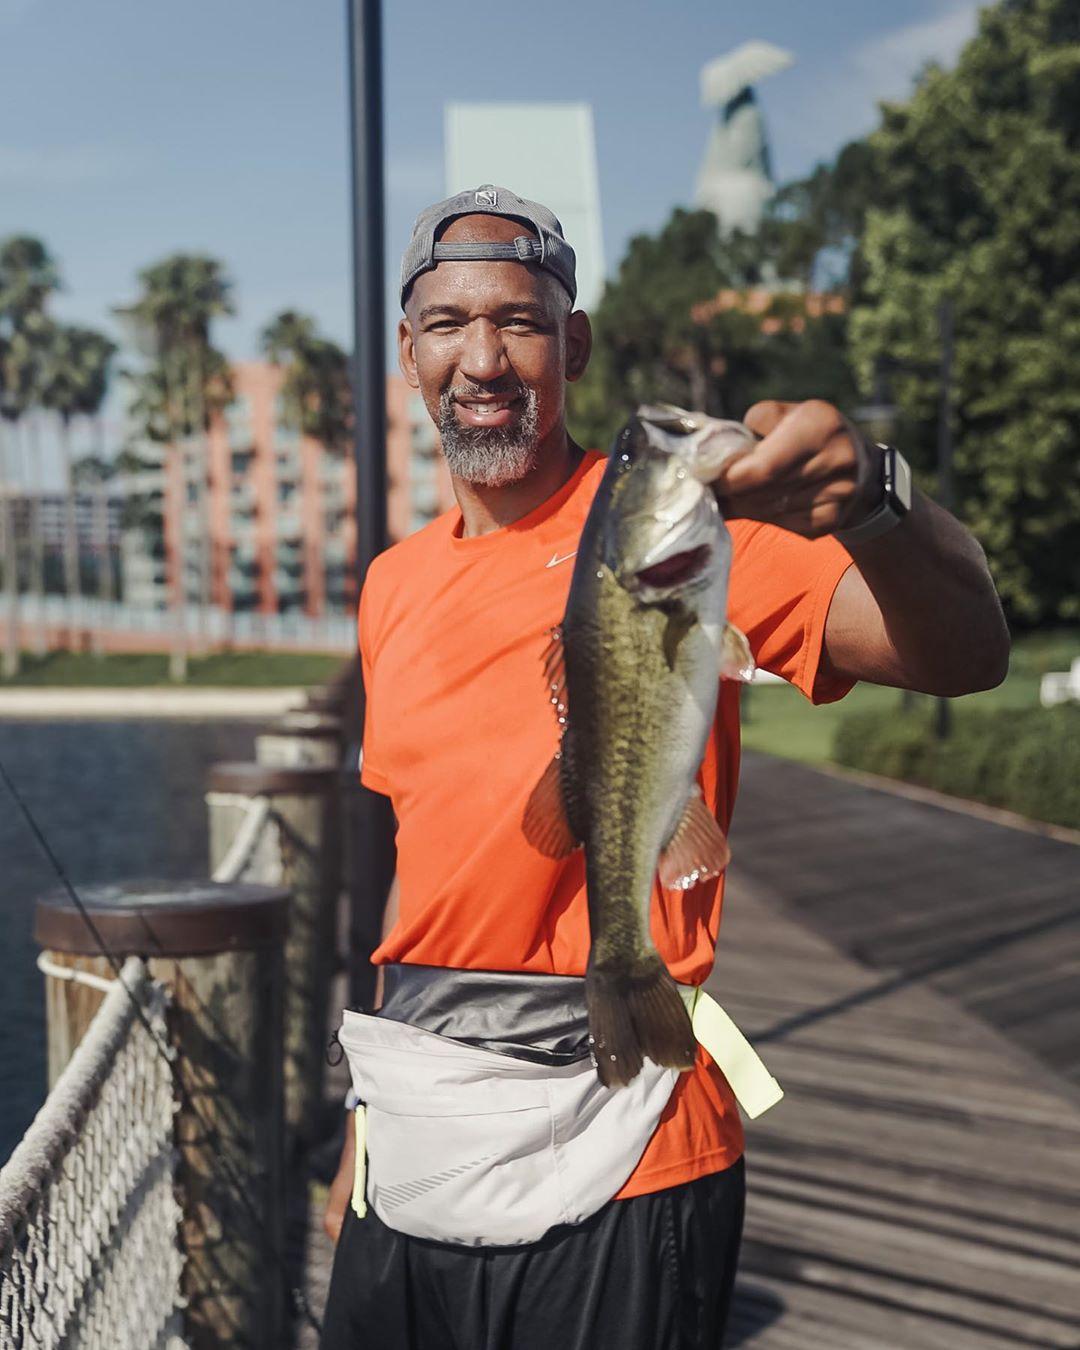 太阳官方Ins晒蒙蒂-威廉姆斯放假在迪士尼园区钓鱼图集